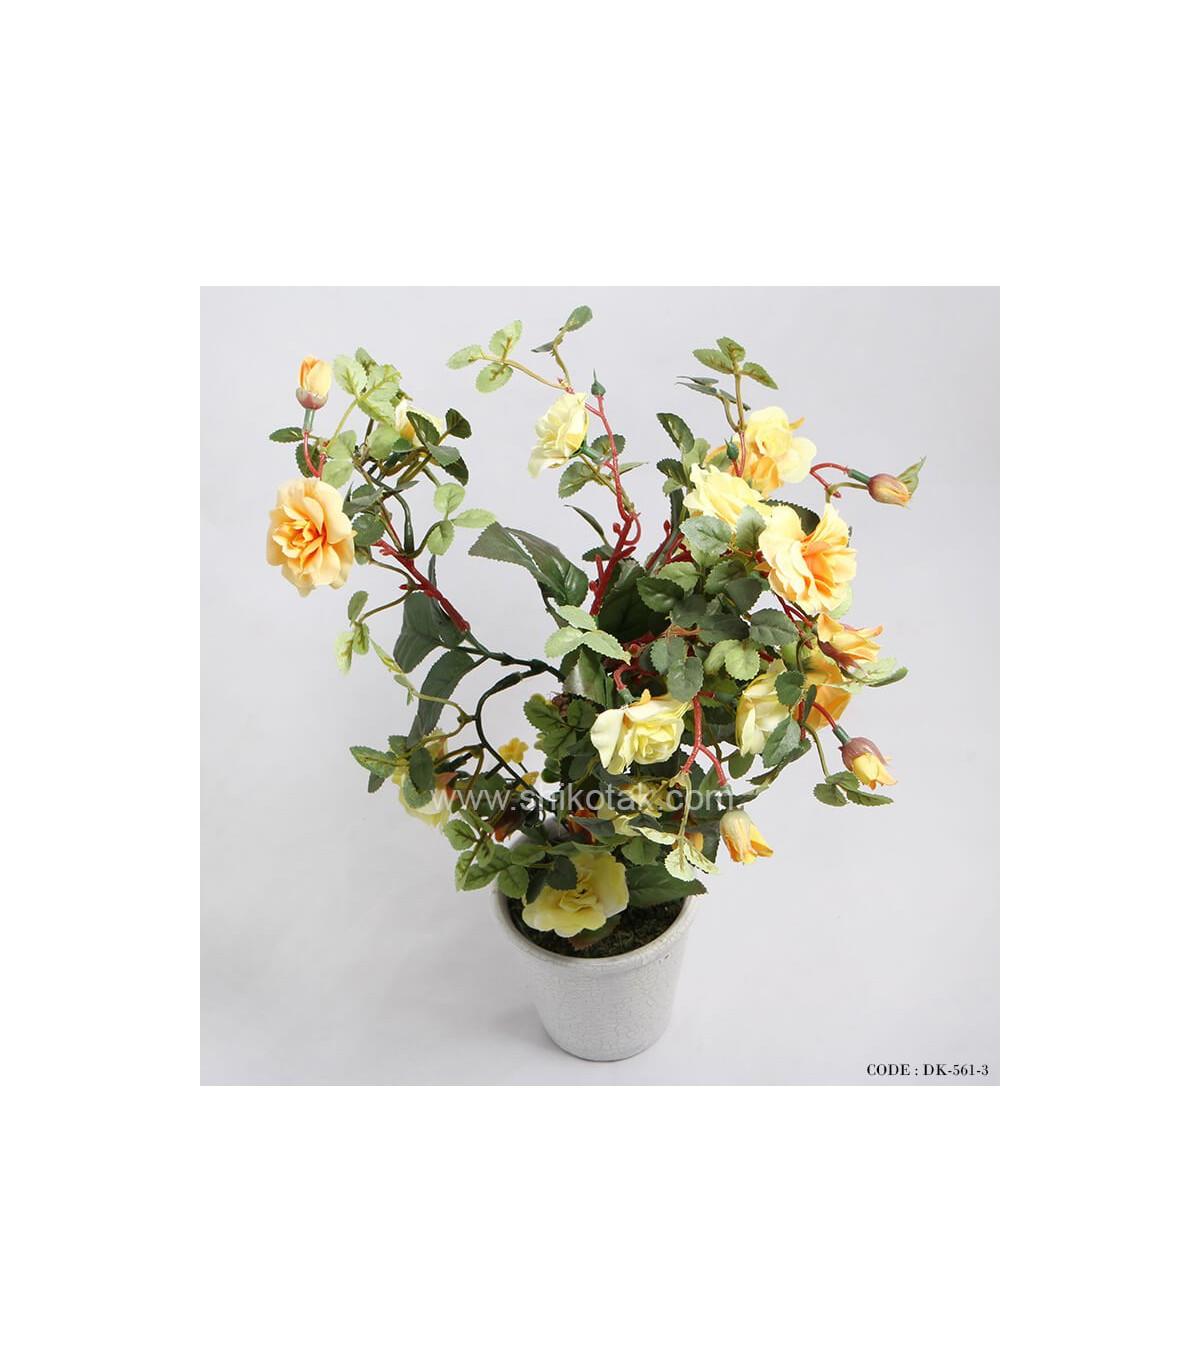 جدیدترین مدل گلدان بوته رز مصنوعی